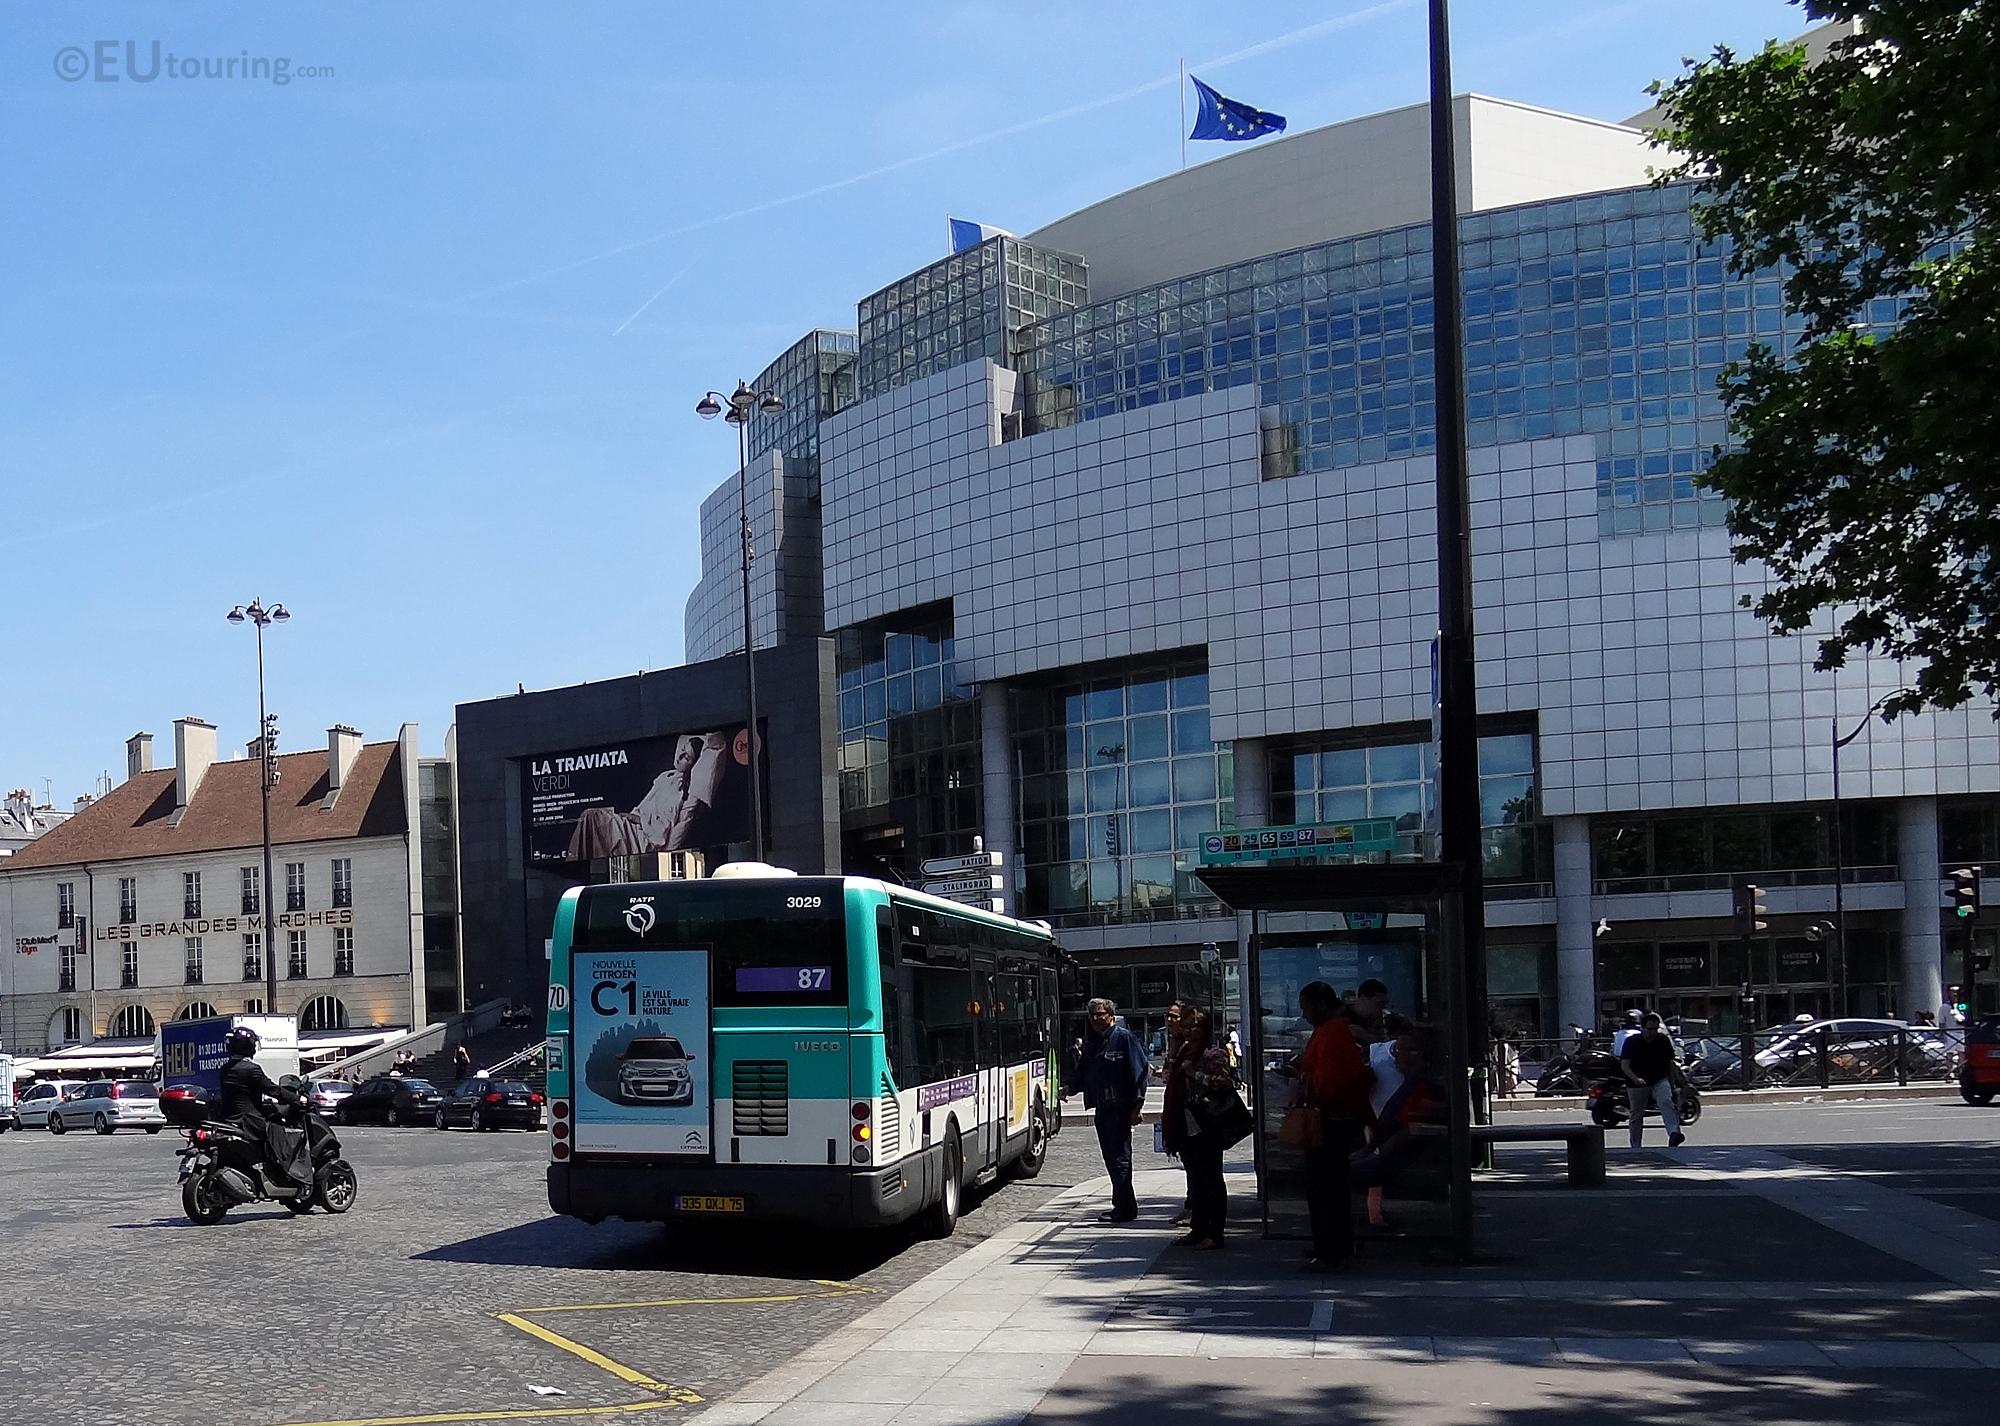 Bus stop at Place de la Bastille